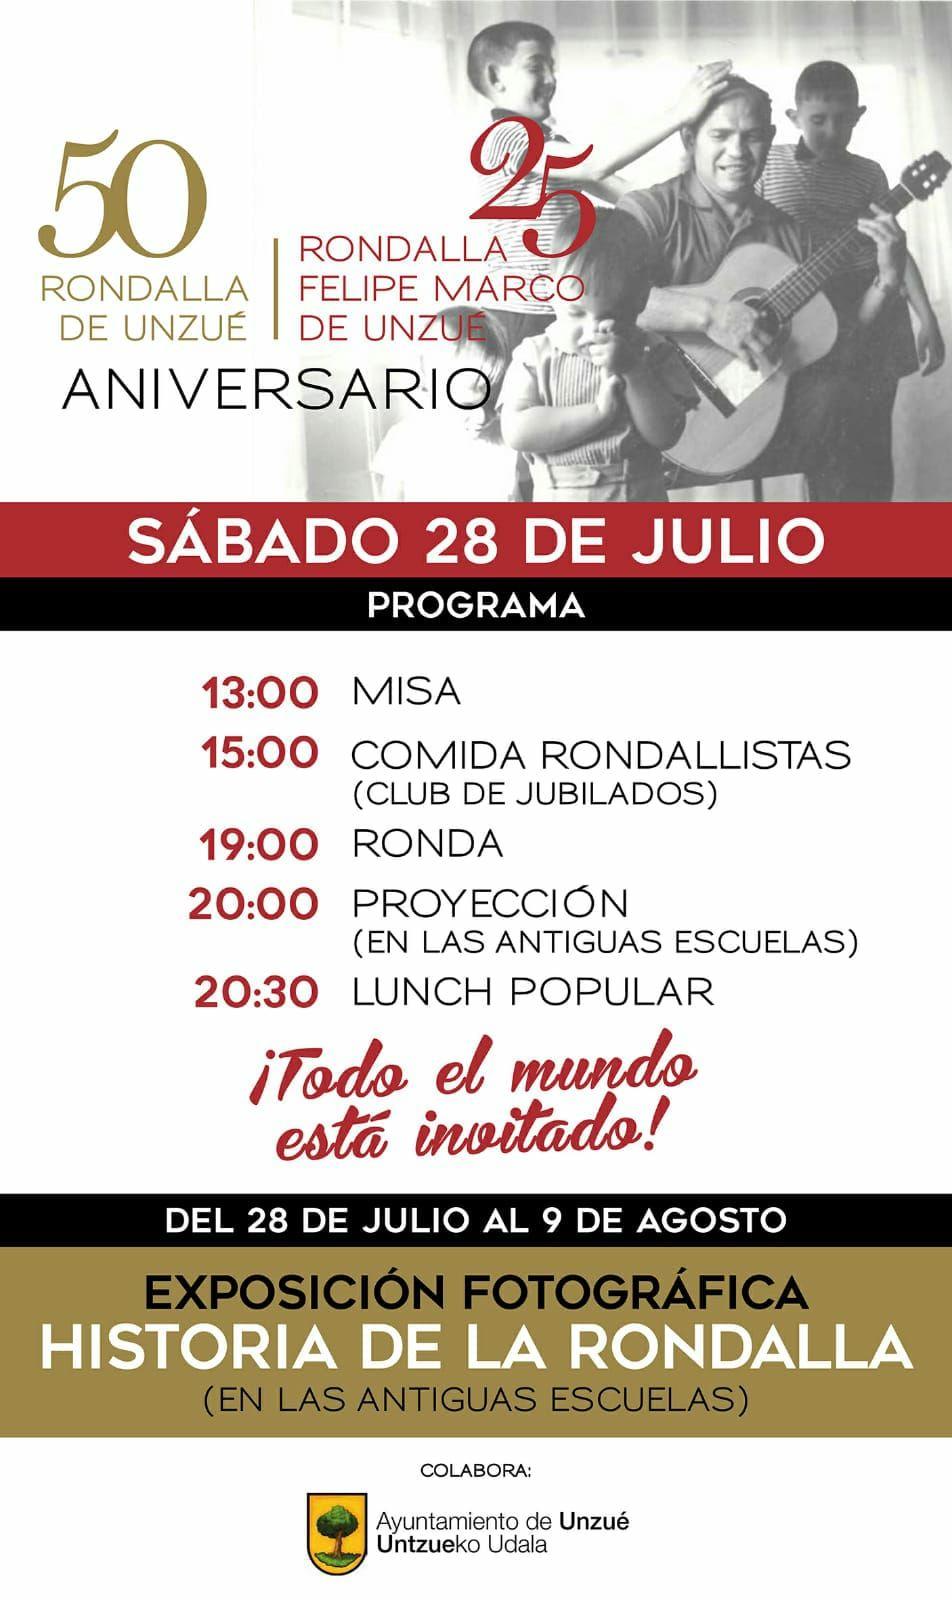 50 aniversario de la Rondalla Felipe Marco de Unzué - Asociación ...